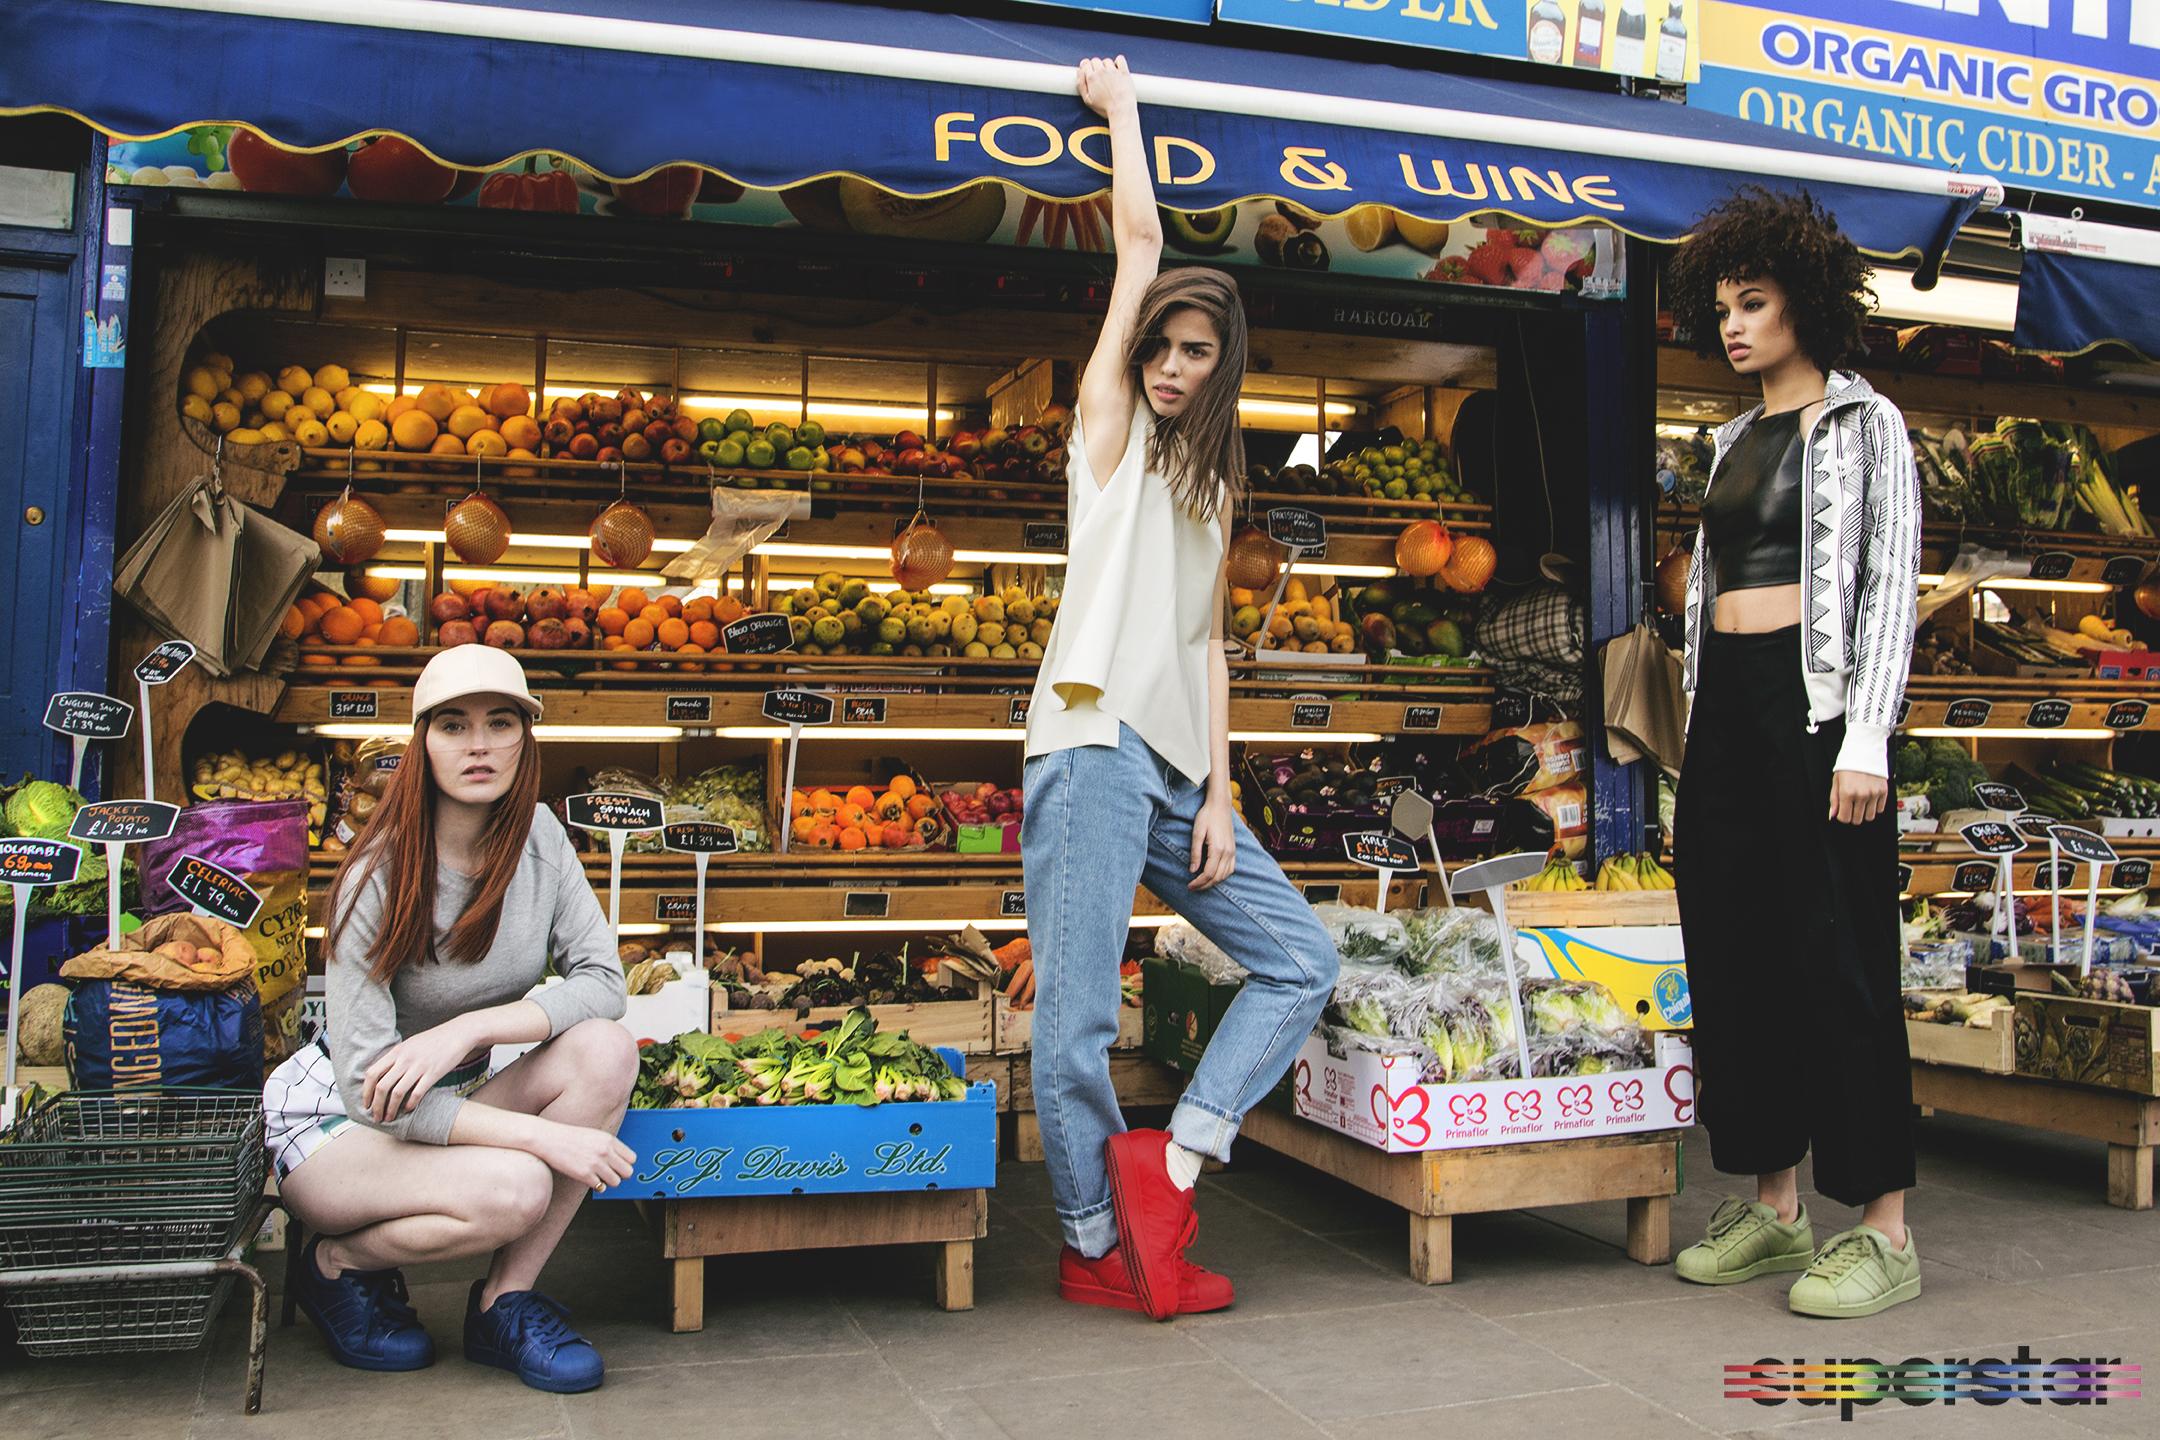 adidassupercolor6weblogo.jpg